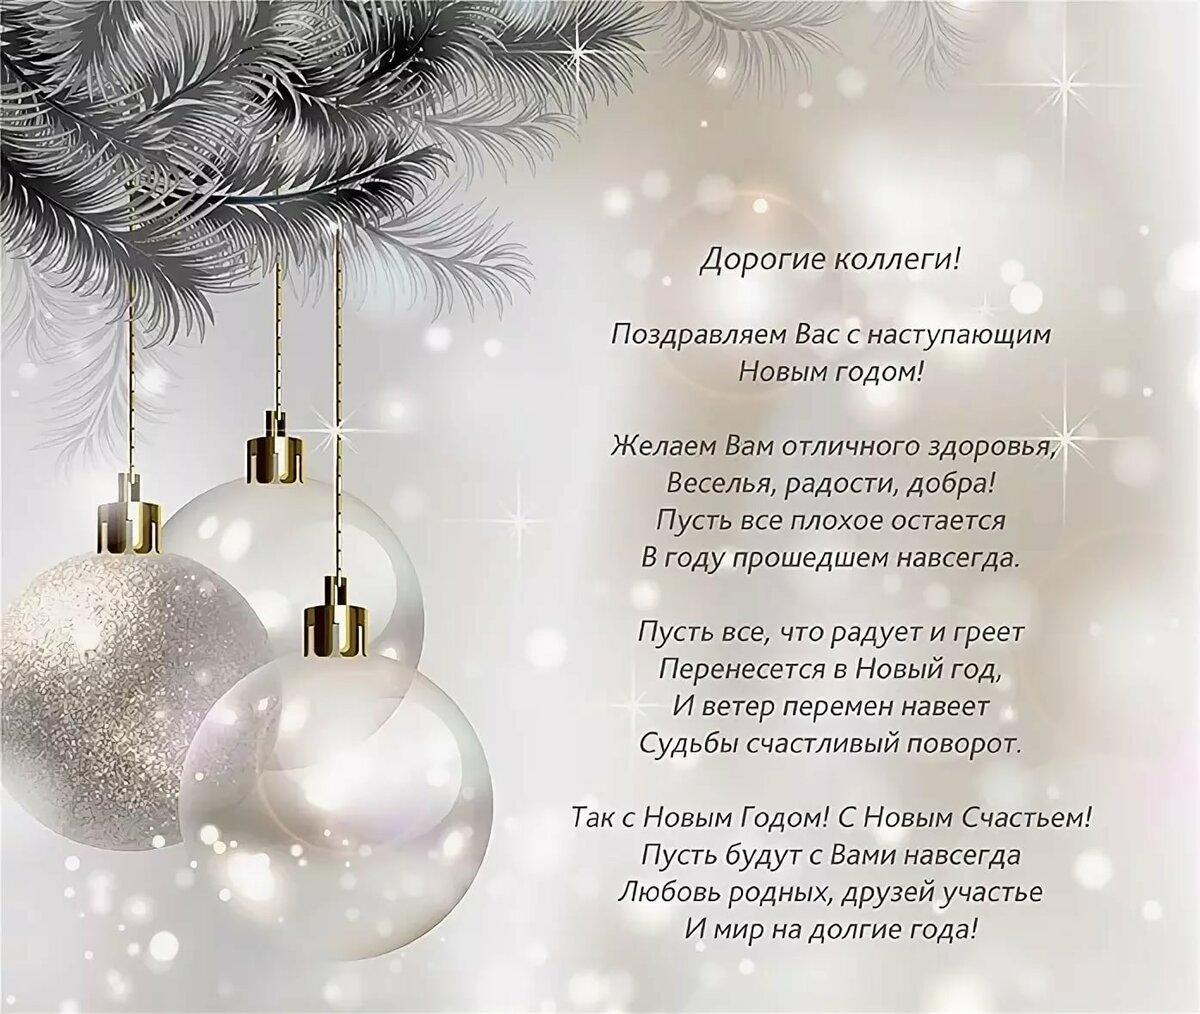 Поздравления коллегам с новым годом в стихах и прозе. новогодний юмор: поздравляем всех весело